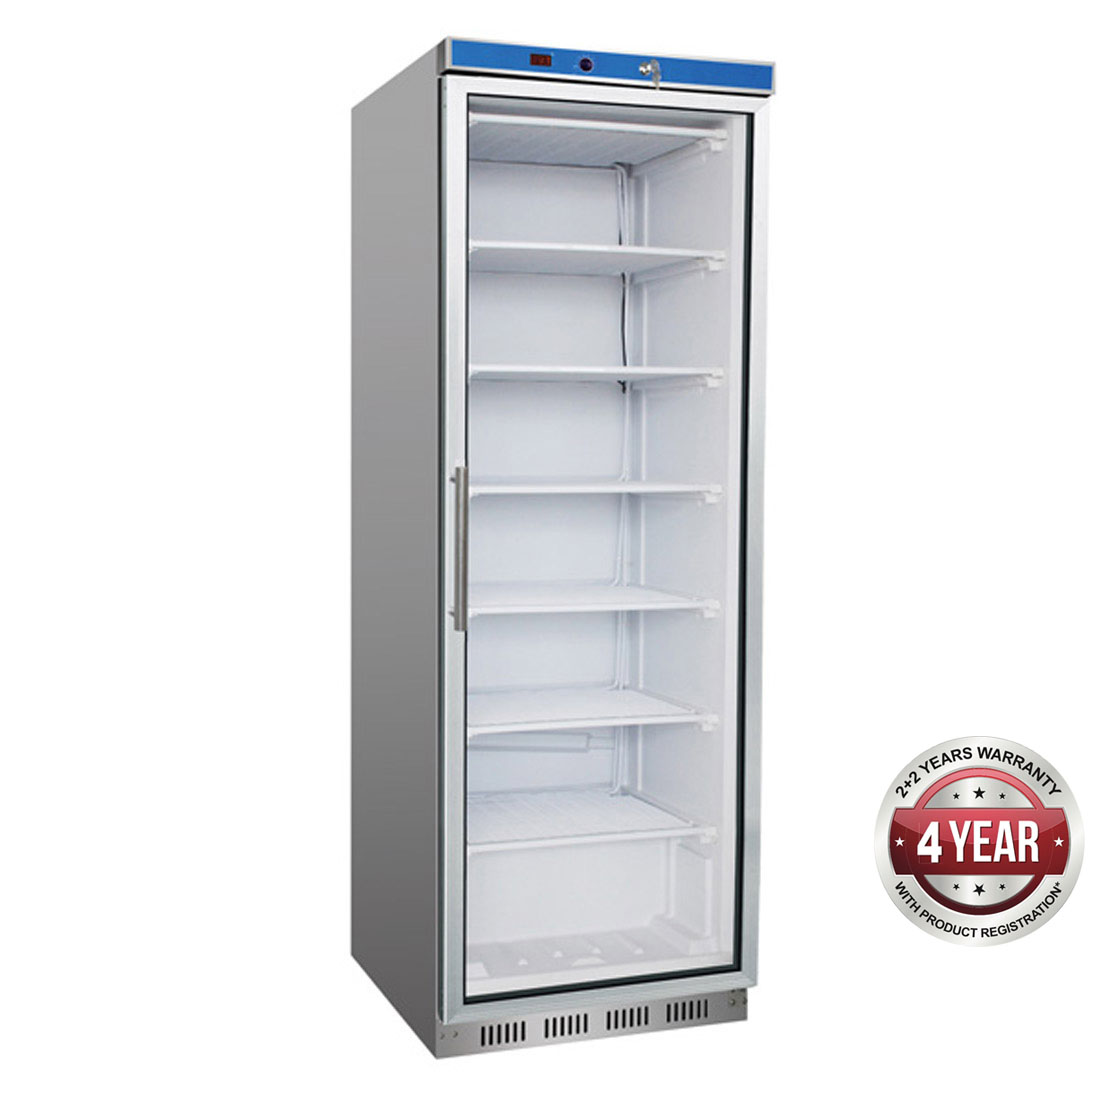 HF400G S/S Display Freezer with Glass Door